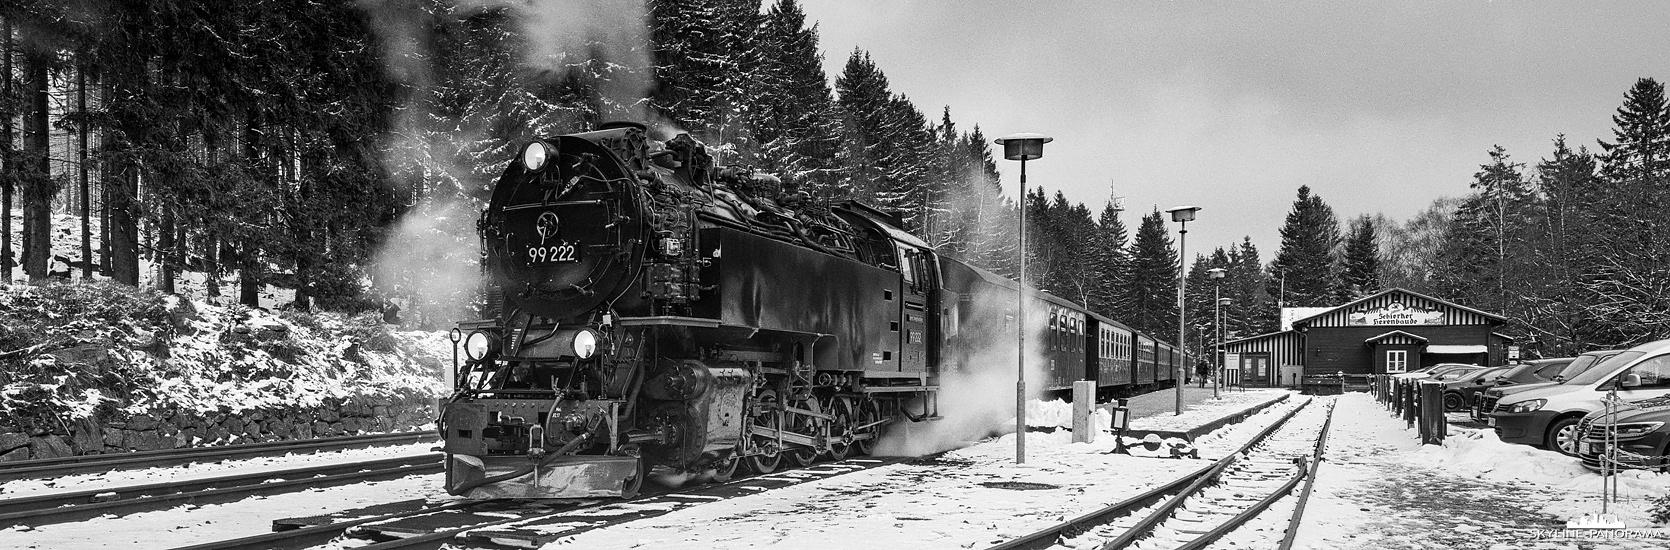 Panorama Harz - Eine winterliche Szenerie im Bahnhof Schierke mit einem, von einer Dampflok gezogenen, Zug der Brockenbahn, auf dem Weg Richtung Brockengipfel.